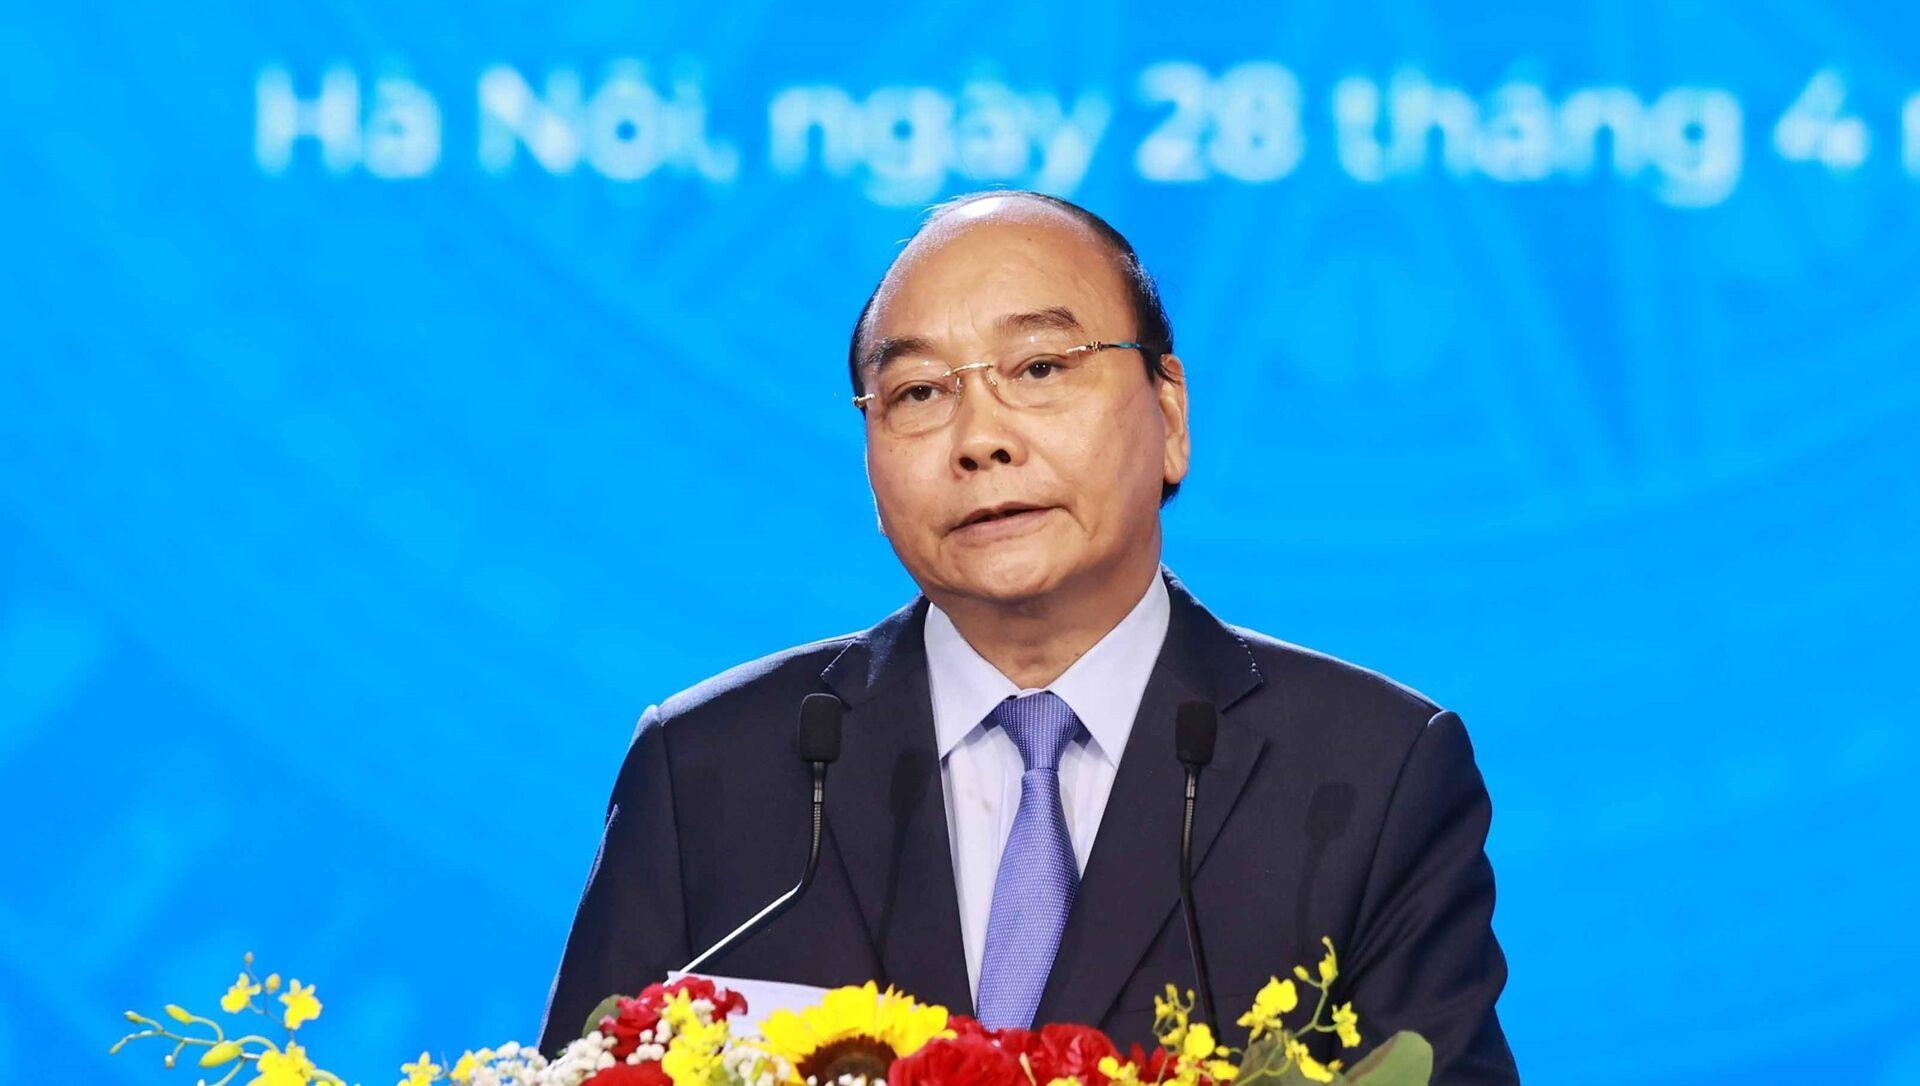 Chủ tịch nước Nguyễn Xuân Phúc phát biểu tại Lễ kỷ niệm. - Sputnik Việt Nam, 1920, 28.04.2021